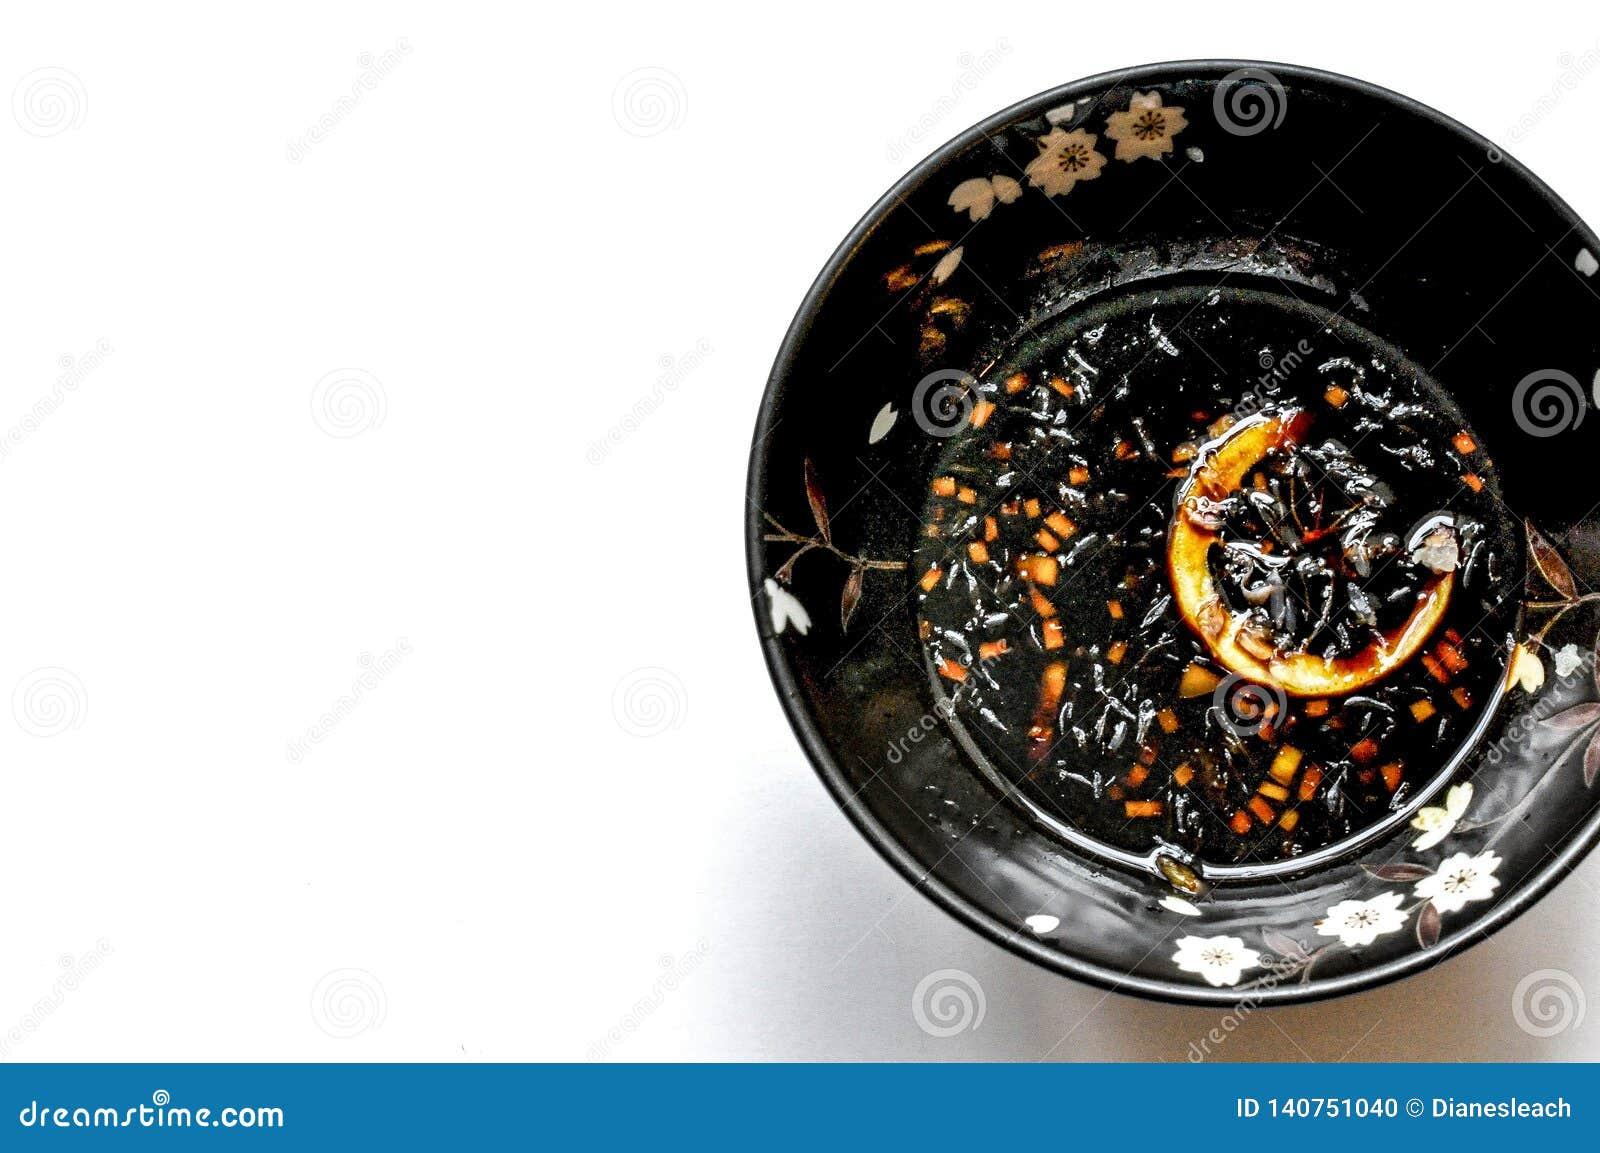 Zitronensojabohnenöldip in einer geblühten schwarzen Schüssel, Draufsicht, weißer Hintergrund